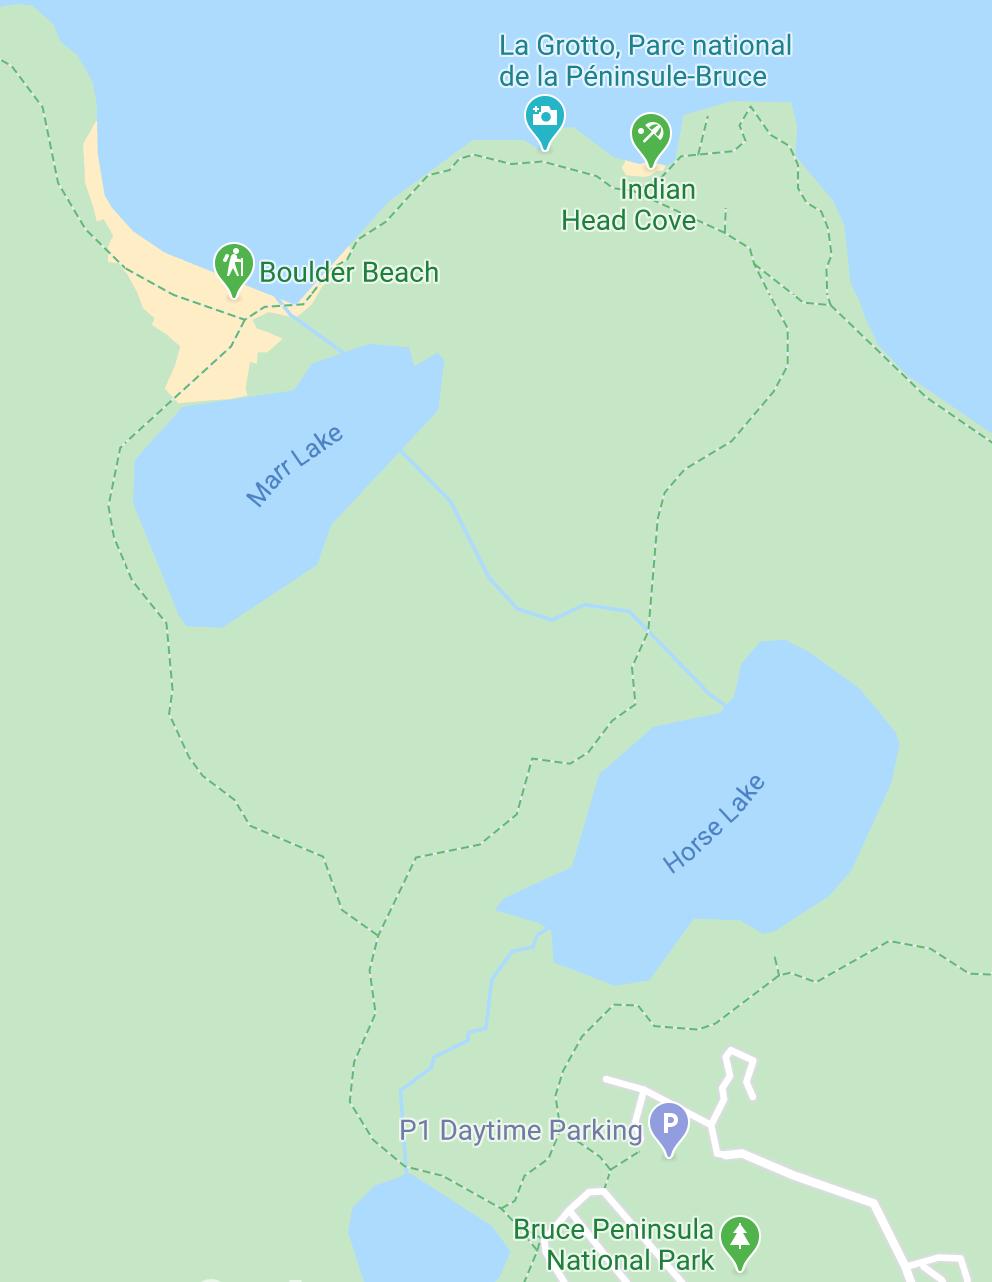 La Grotto péninsule de bruce - carte google